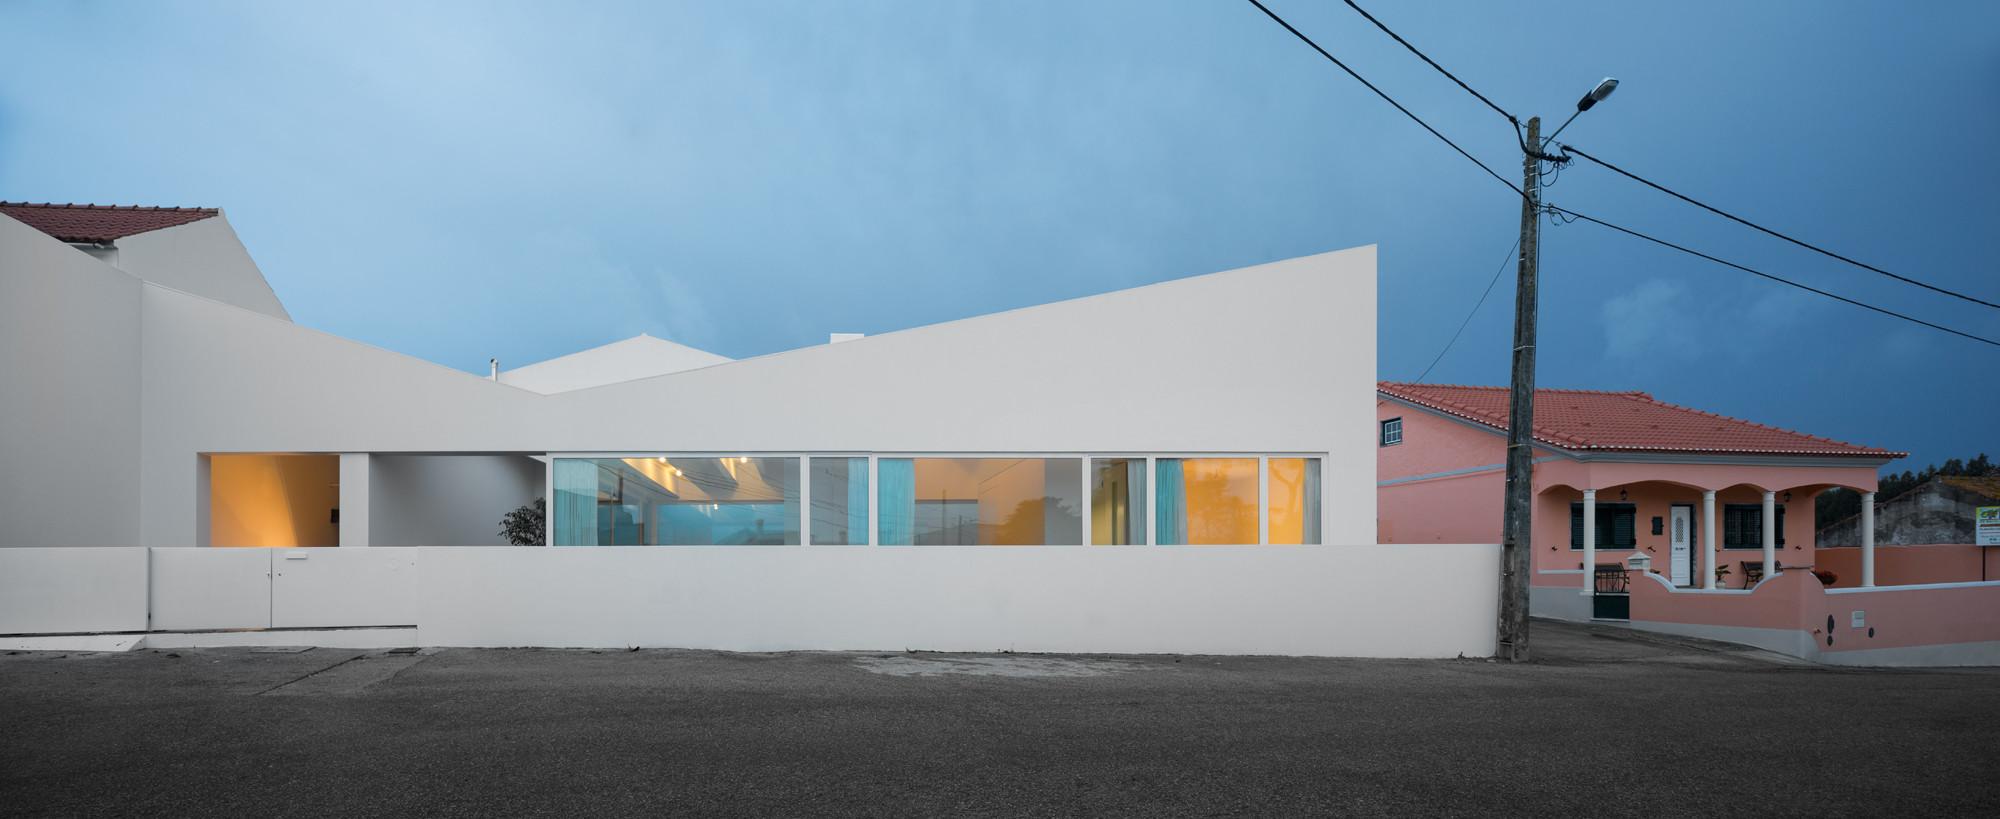 P house ricardo silva carvalho arquitectos archdaily - Fotografia arquitectura ...